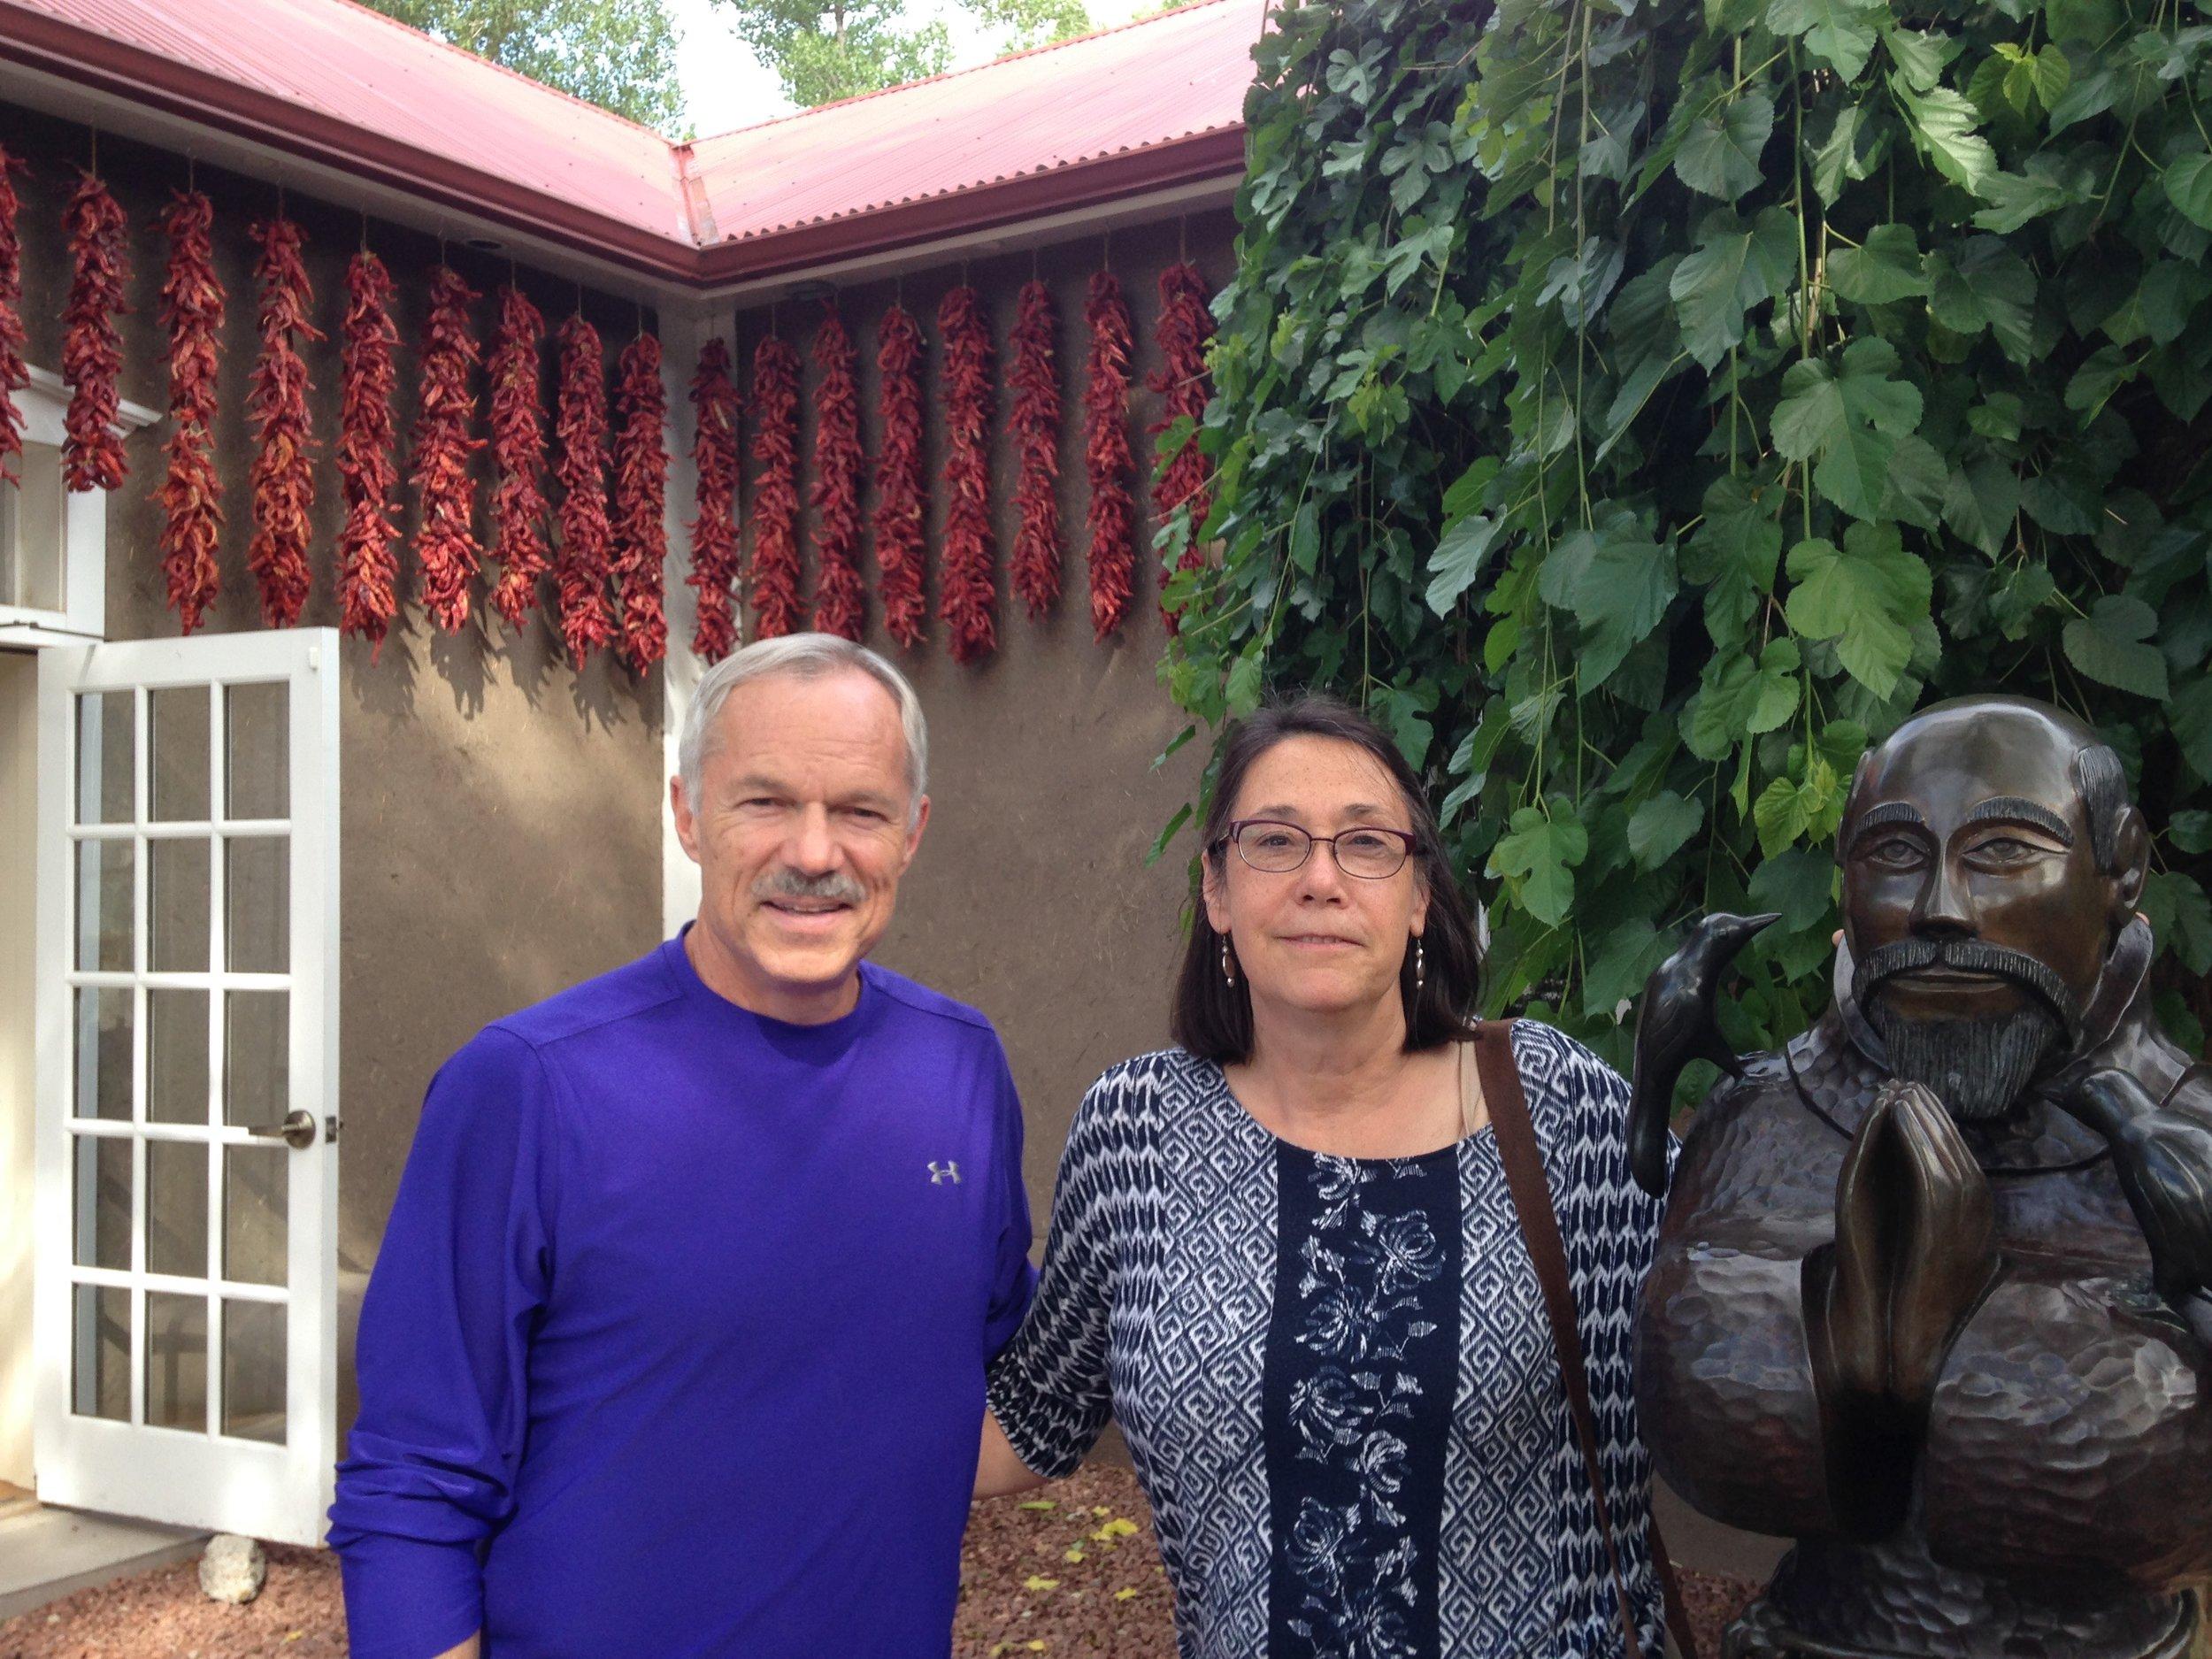 Jay and Mary Fran at Rancho de Chimayo